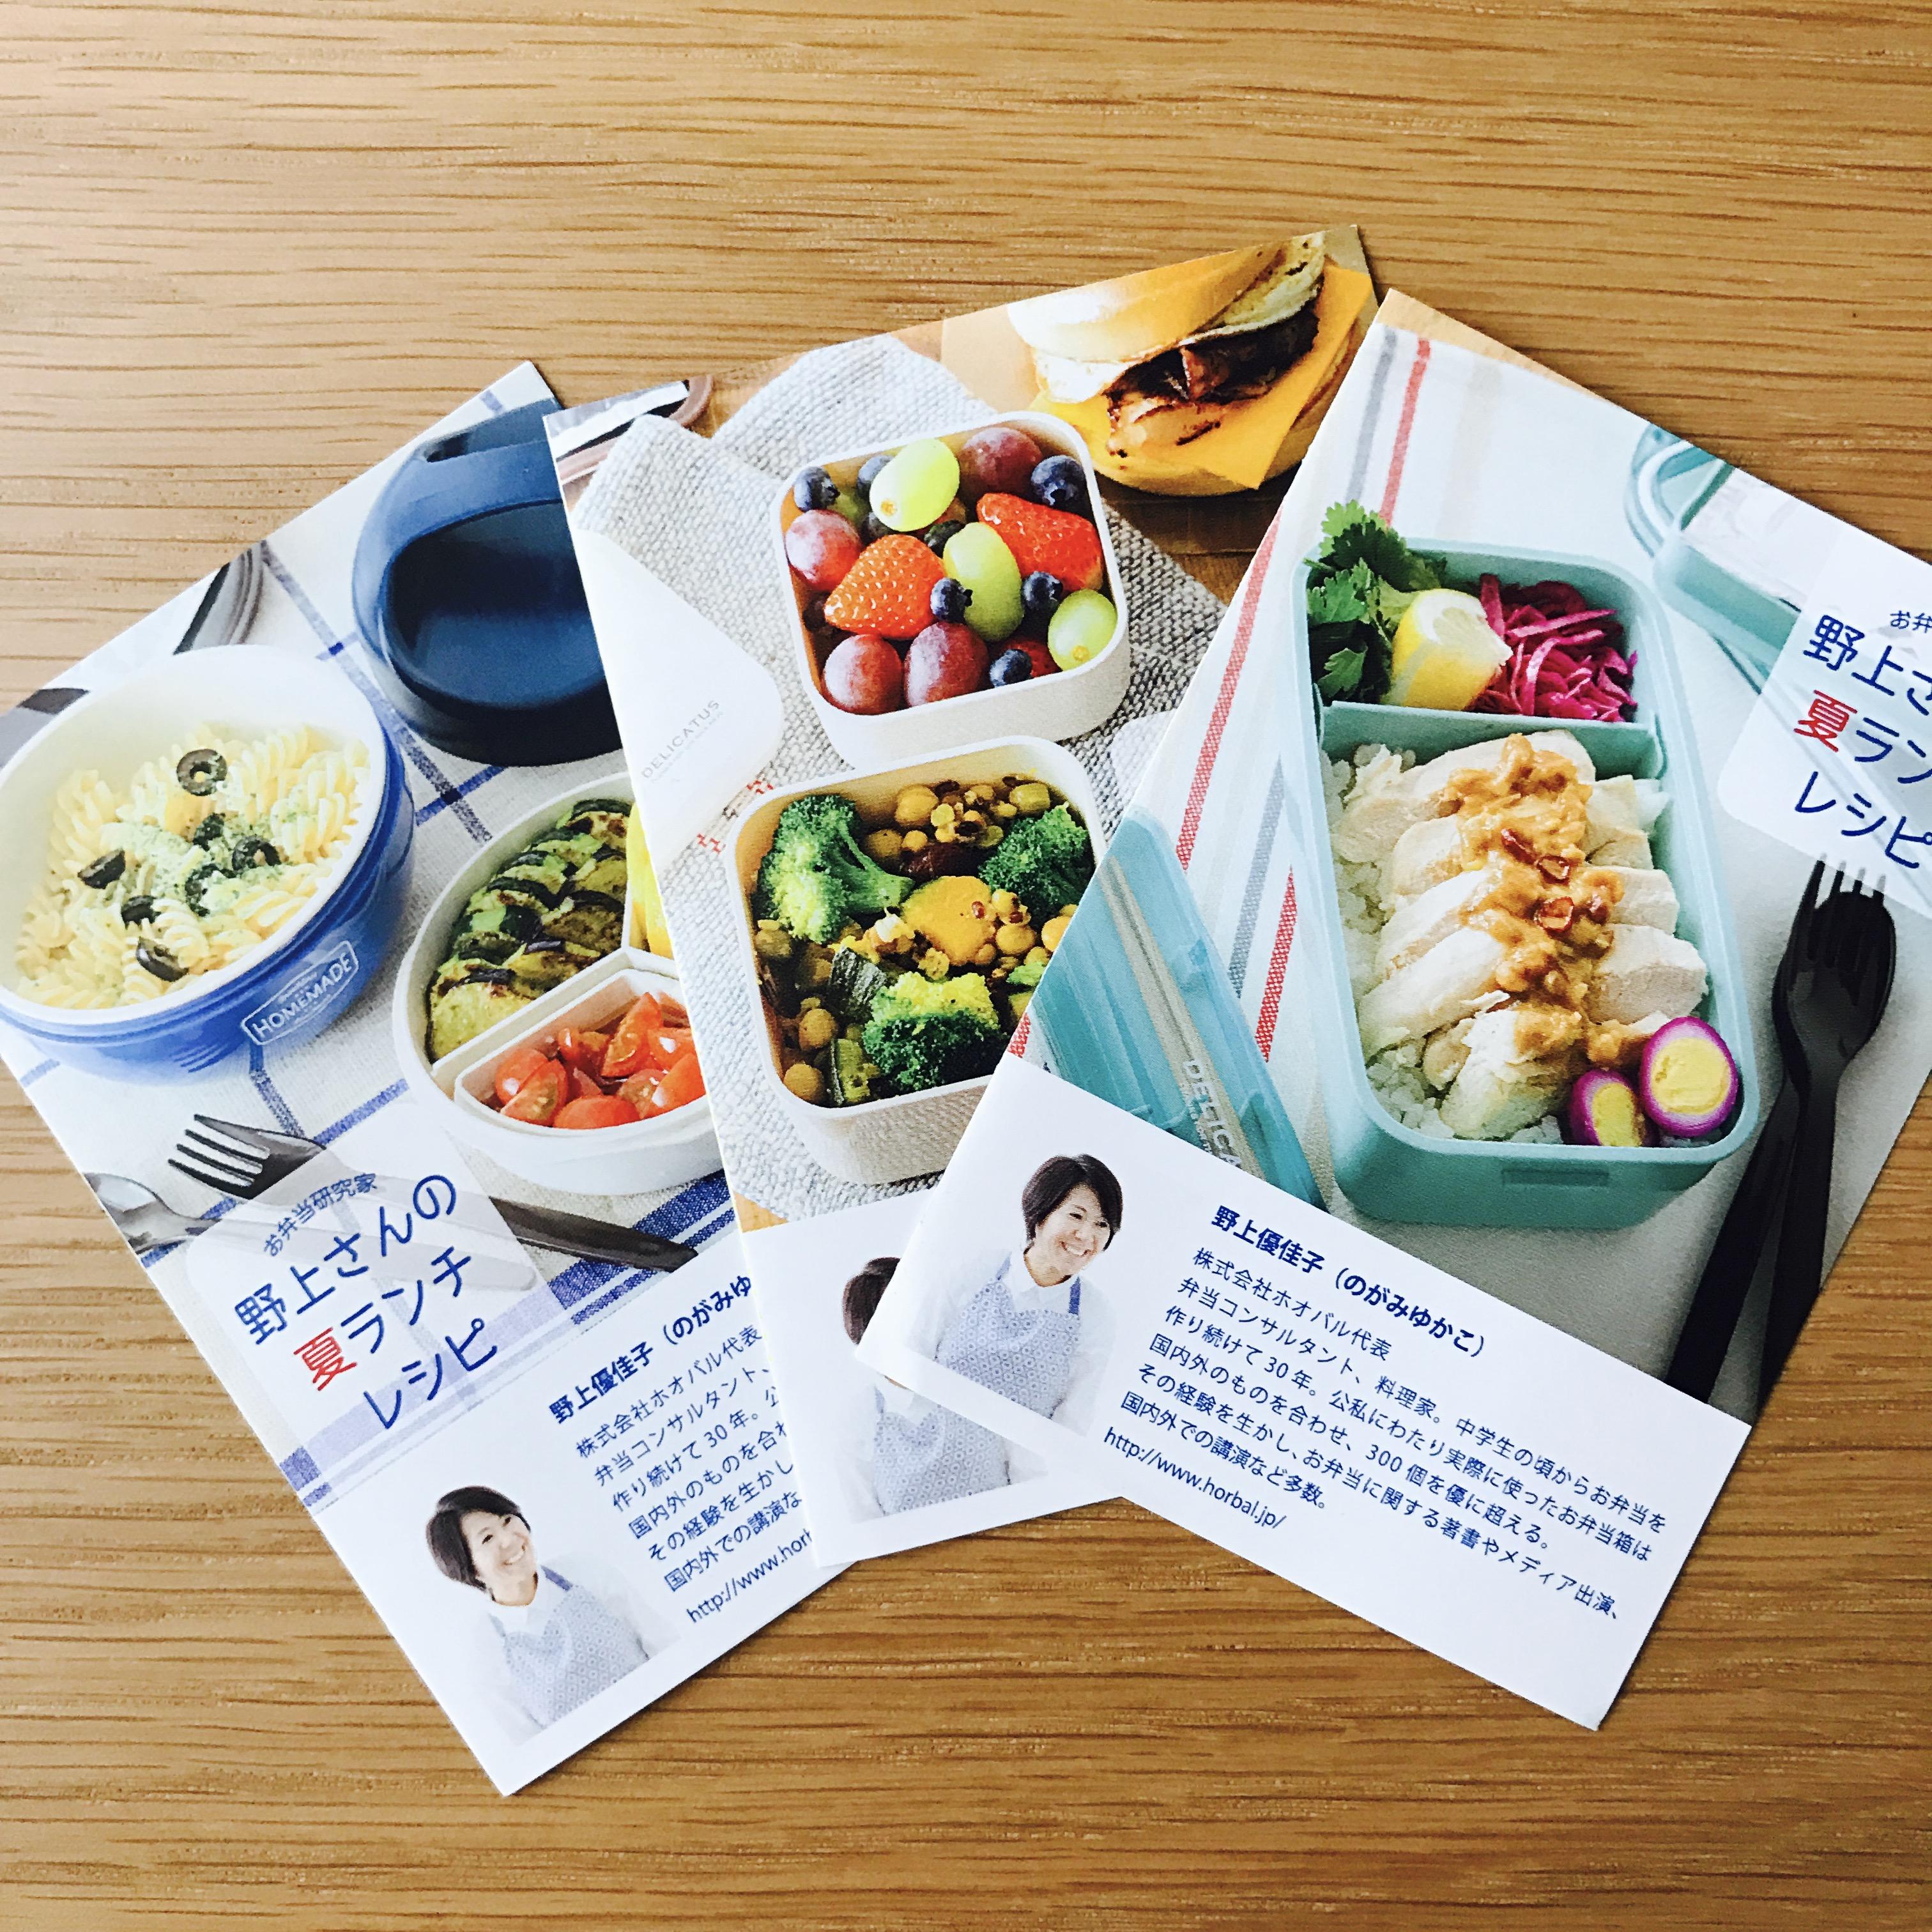 渋谷LOFT他で夏のお弁当箱特集開催中